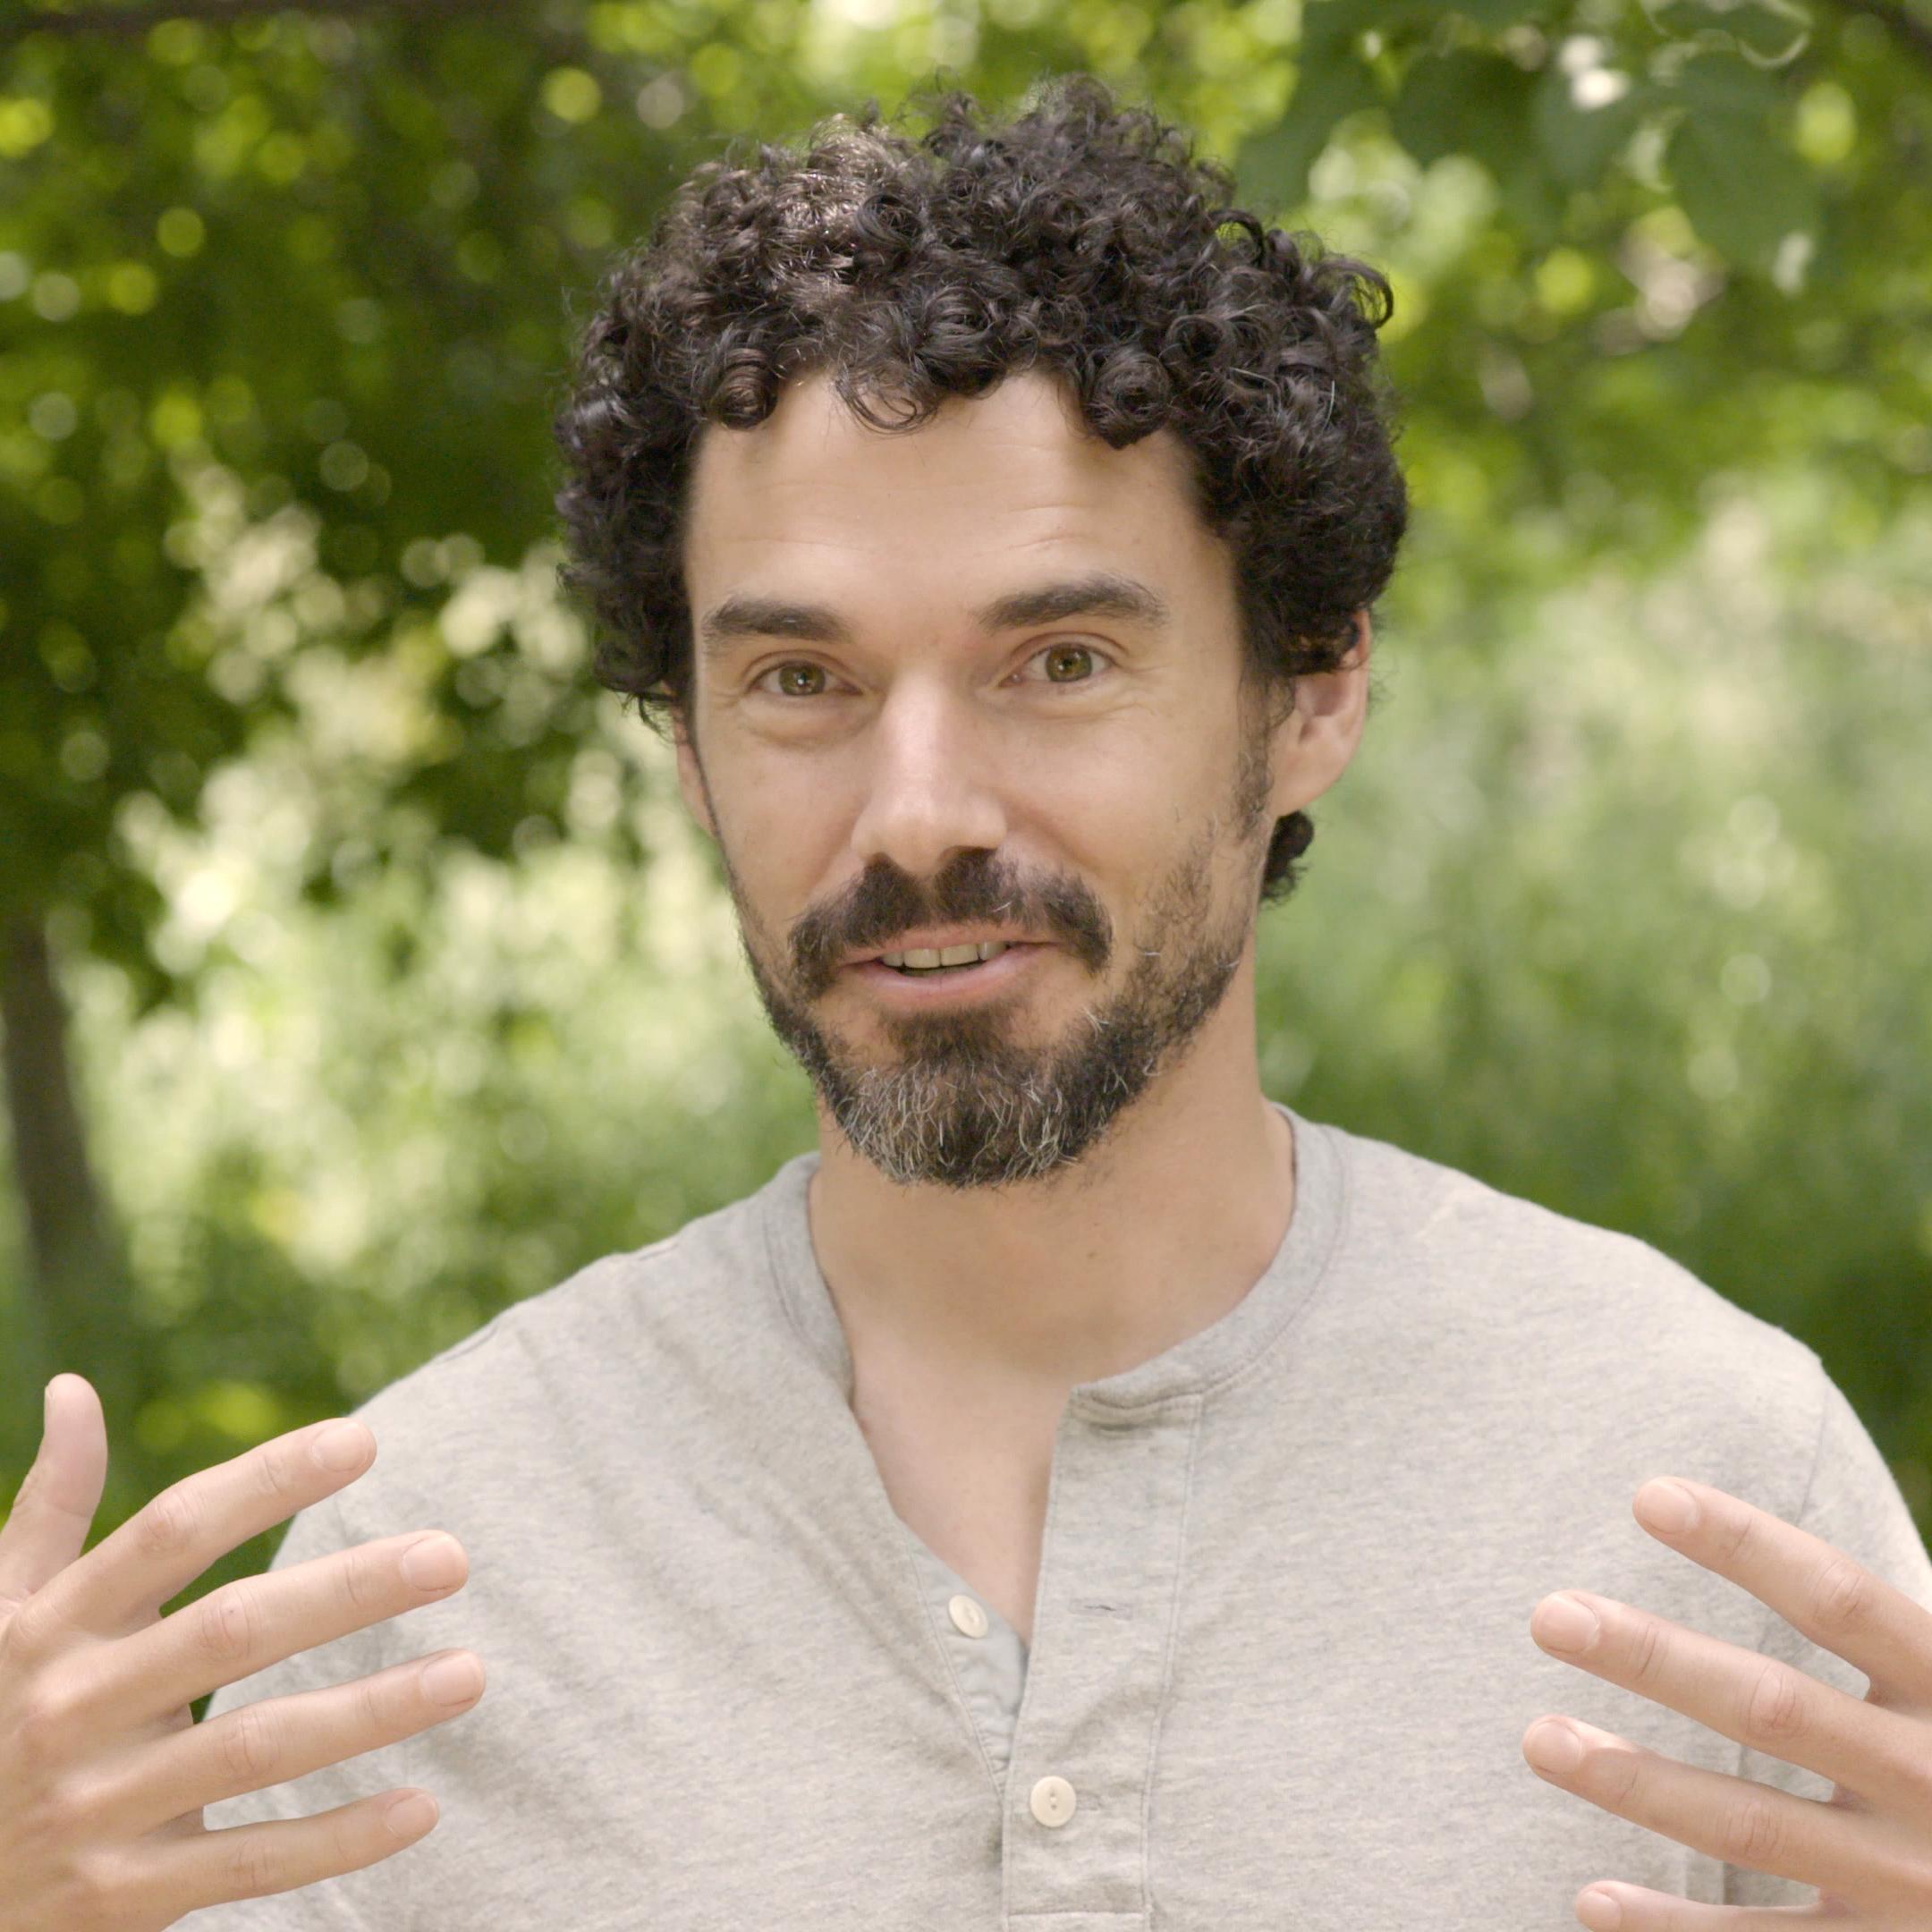 Mikey S. - LAI 2-Year Program Participant